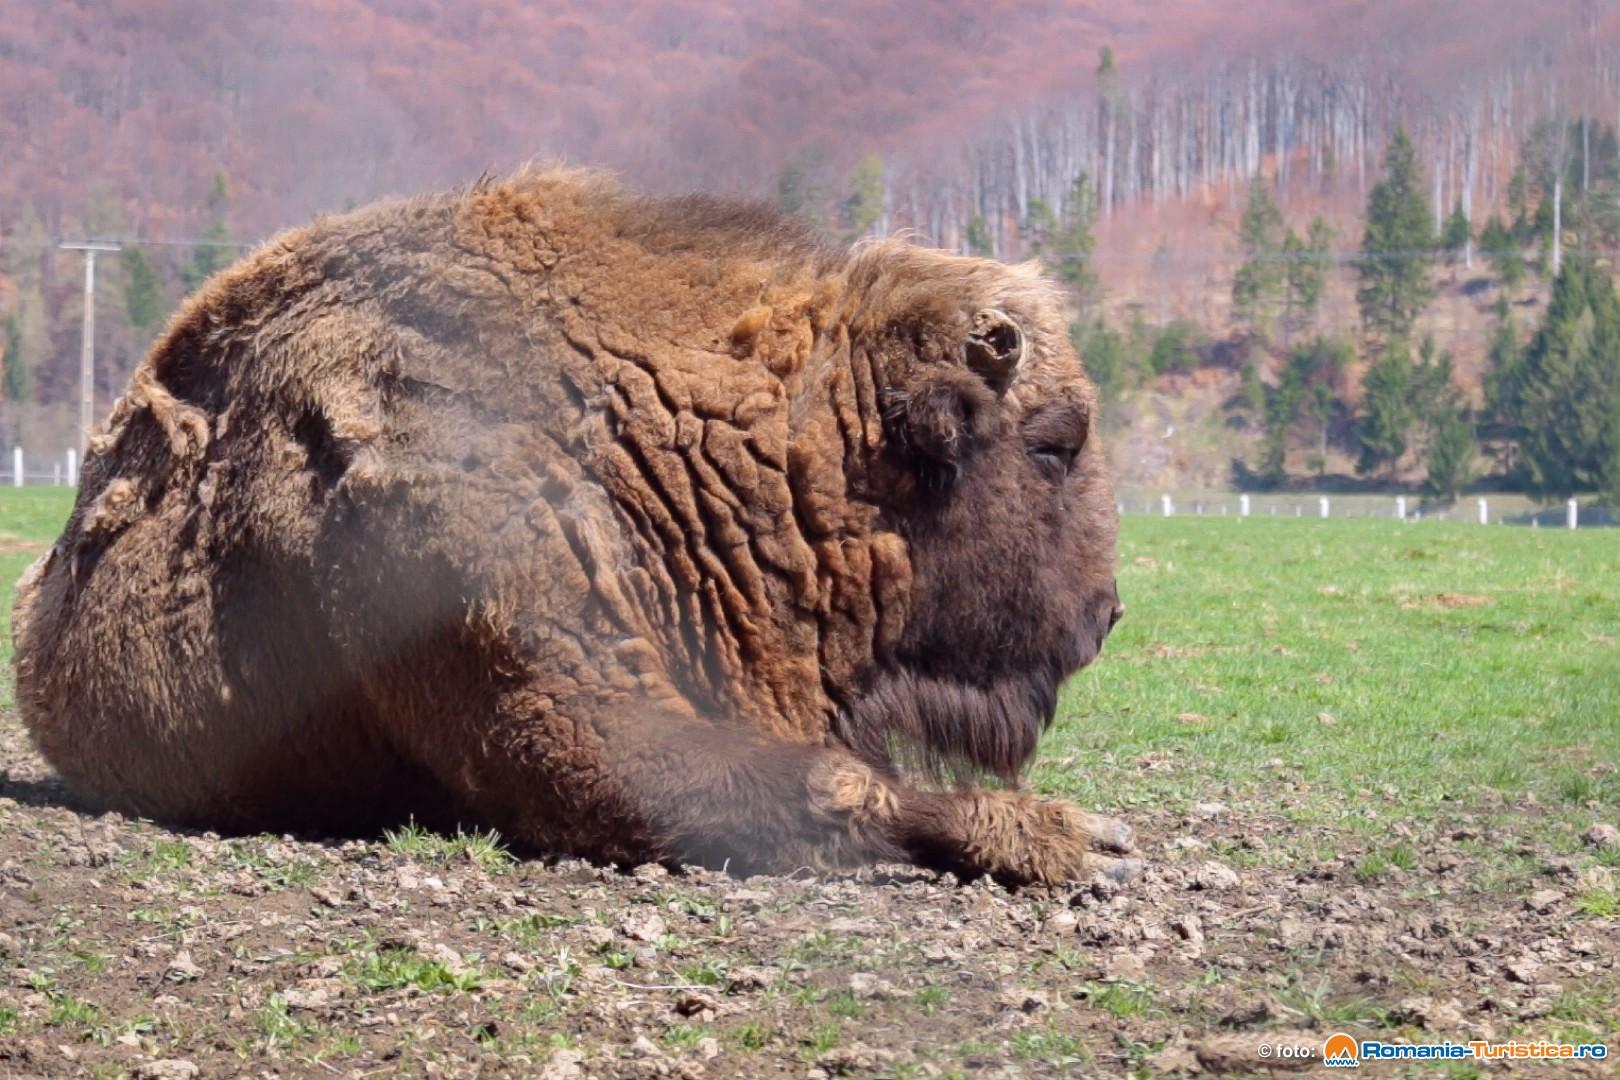 Rezervatia Naturala Valea Zimbrilor - Vama Buzaului